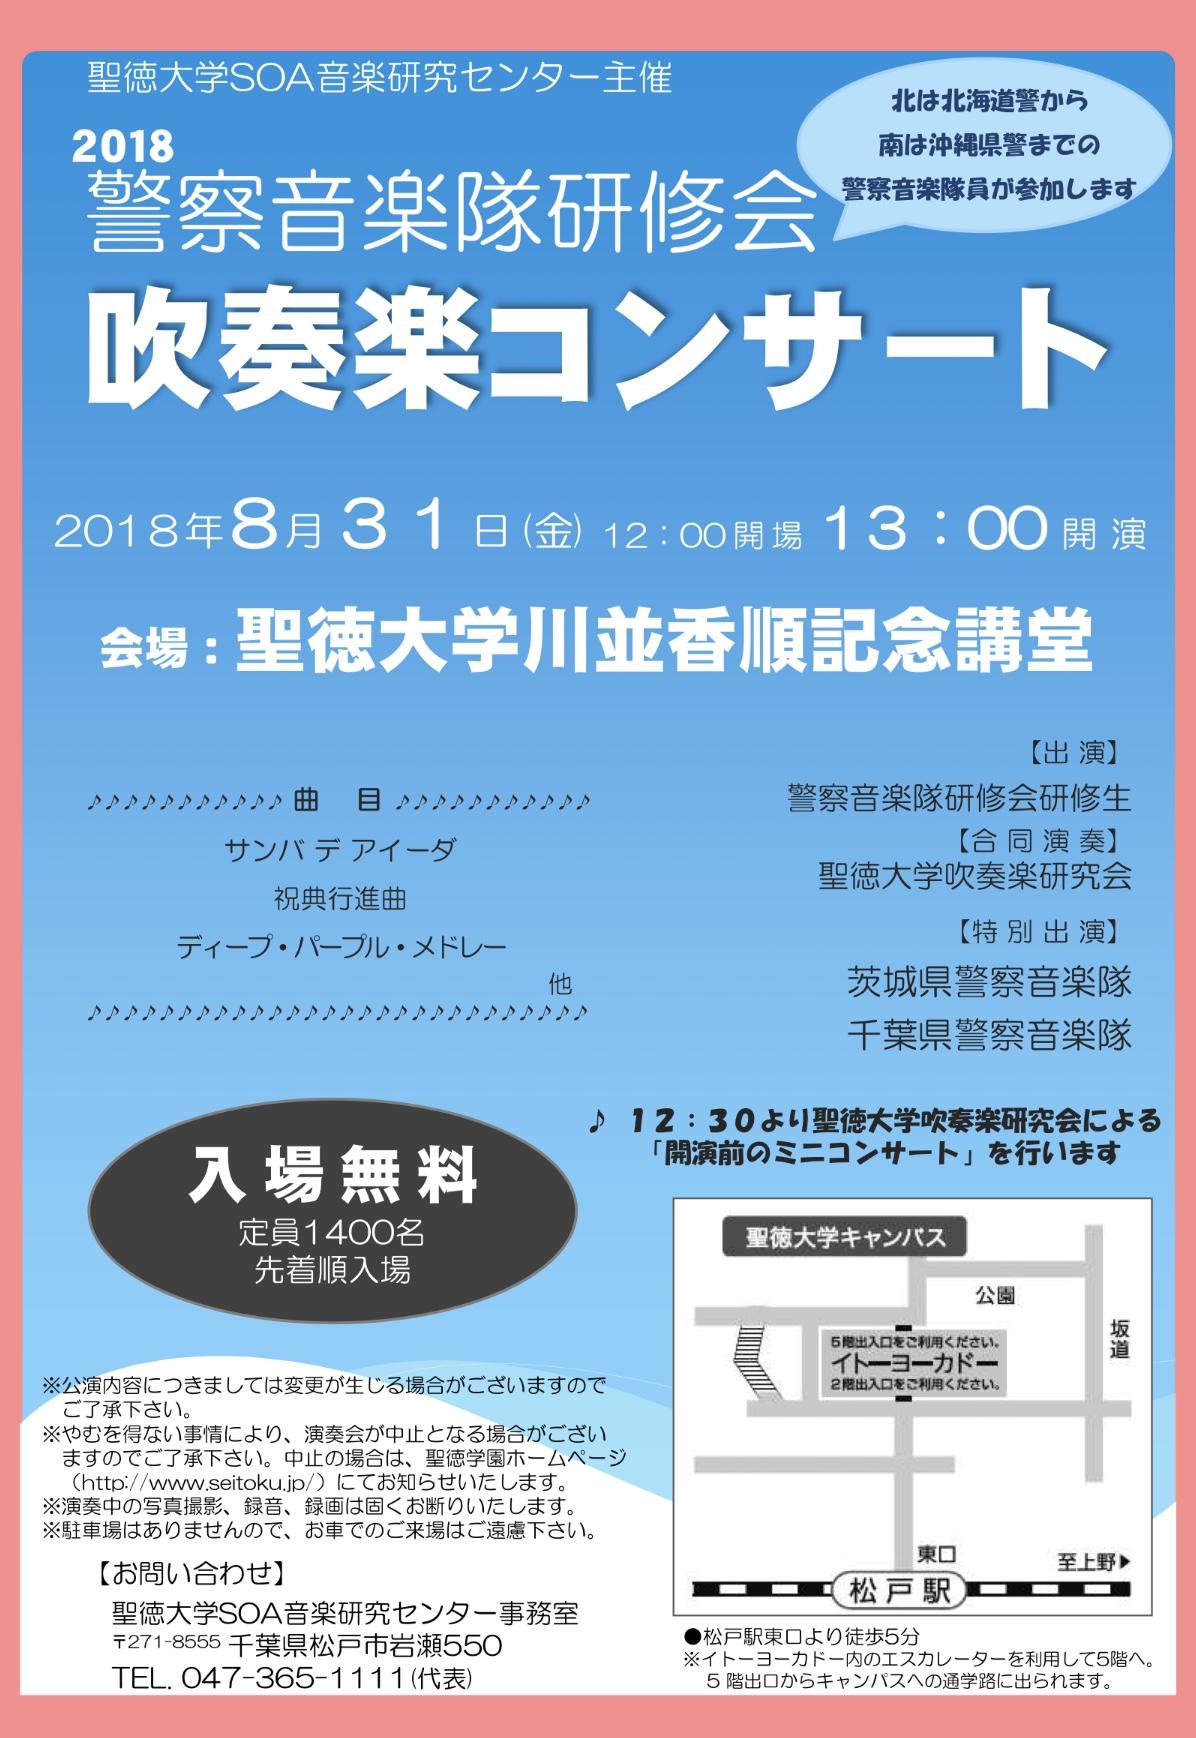 8月31日(金)「2018警察音楽隊研修会 吹奏楽コンサート」が開催されます